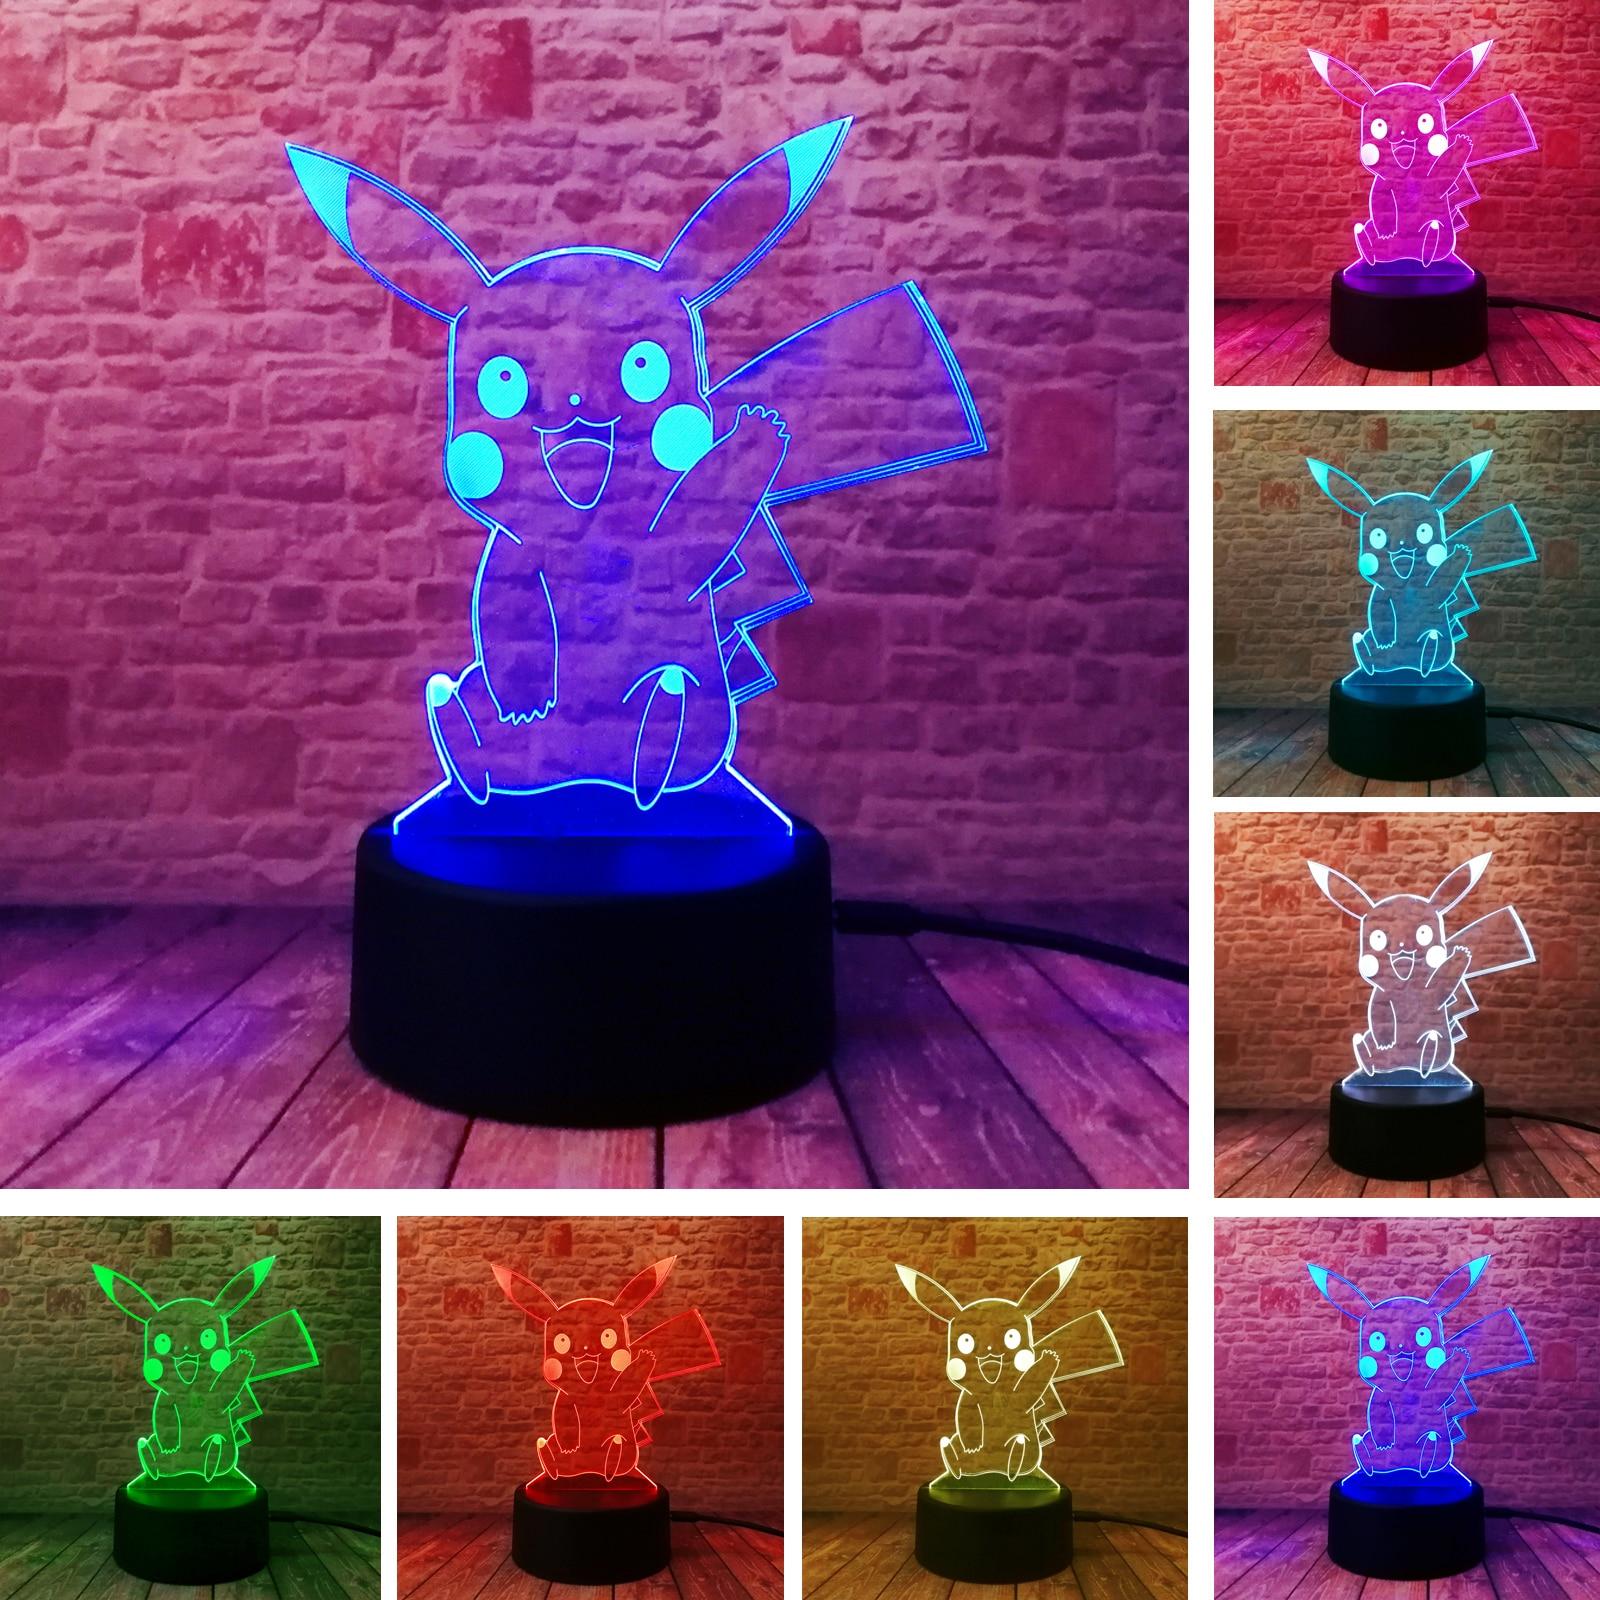 Veilleuses Illusion Optique Lampe Anime Mixte 7 Changement